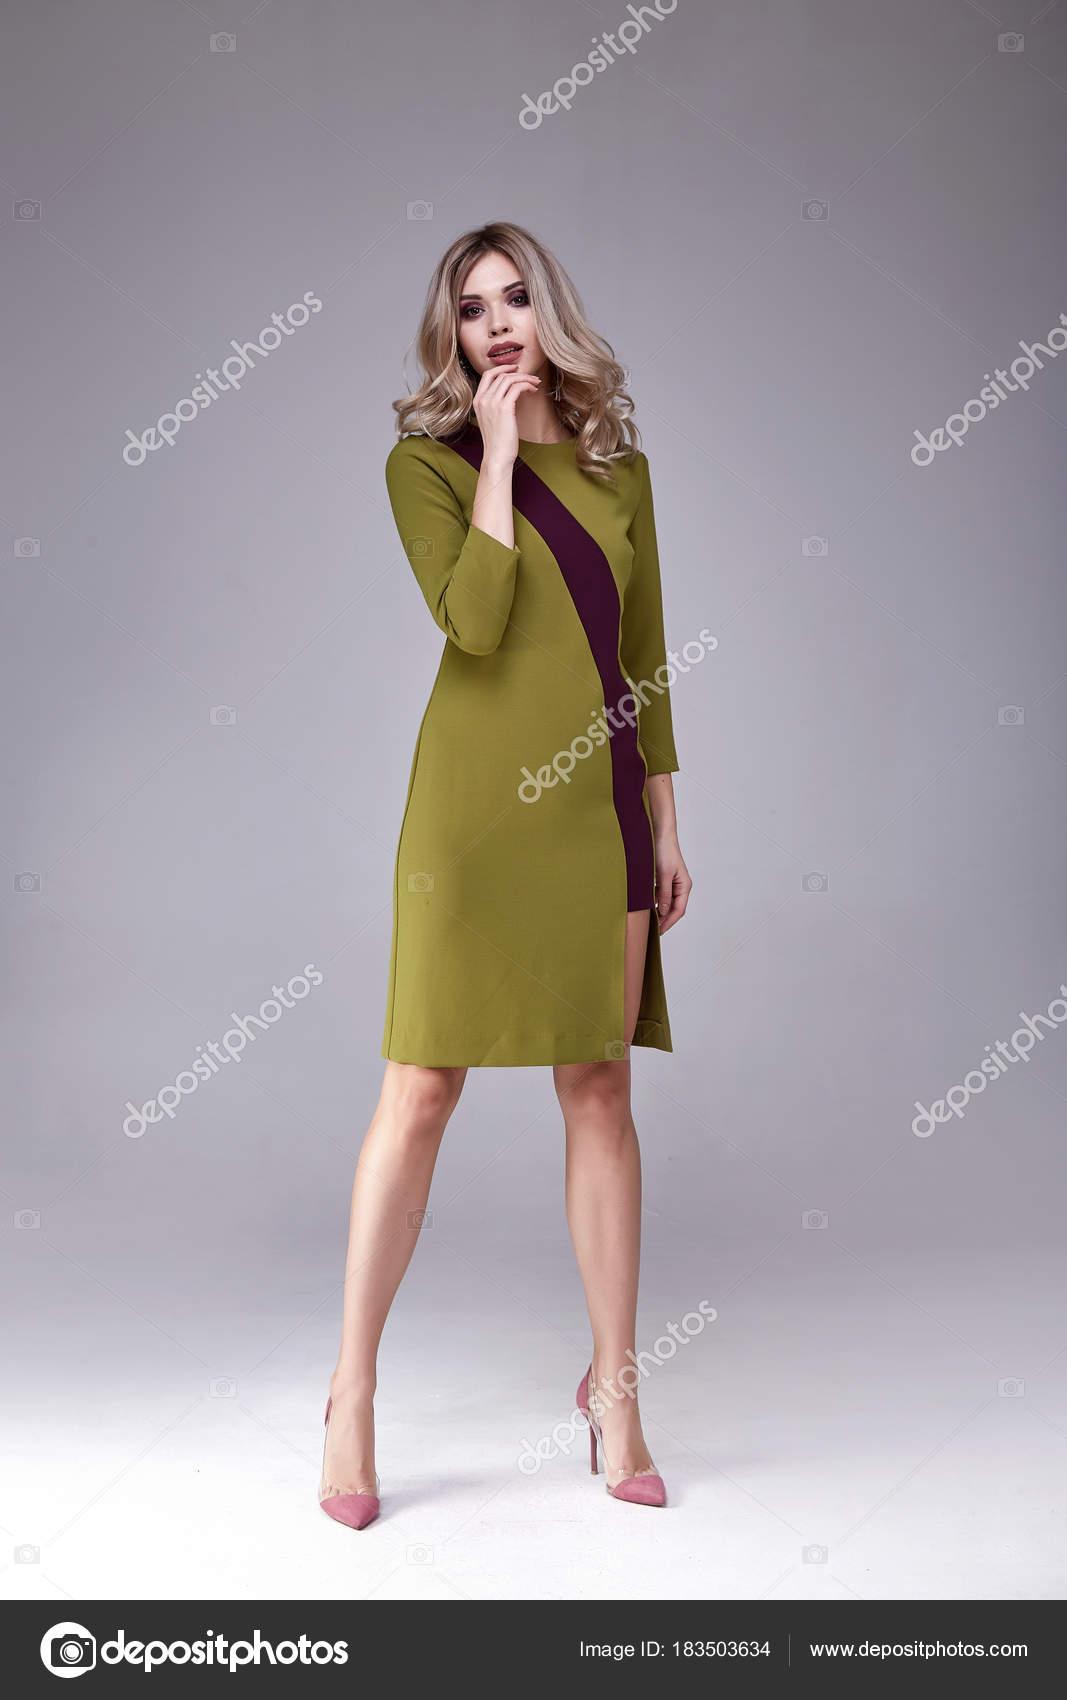 Moda Mujer Cuerpo Perfecto Rubia Forma Peinar Vestir Seda